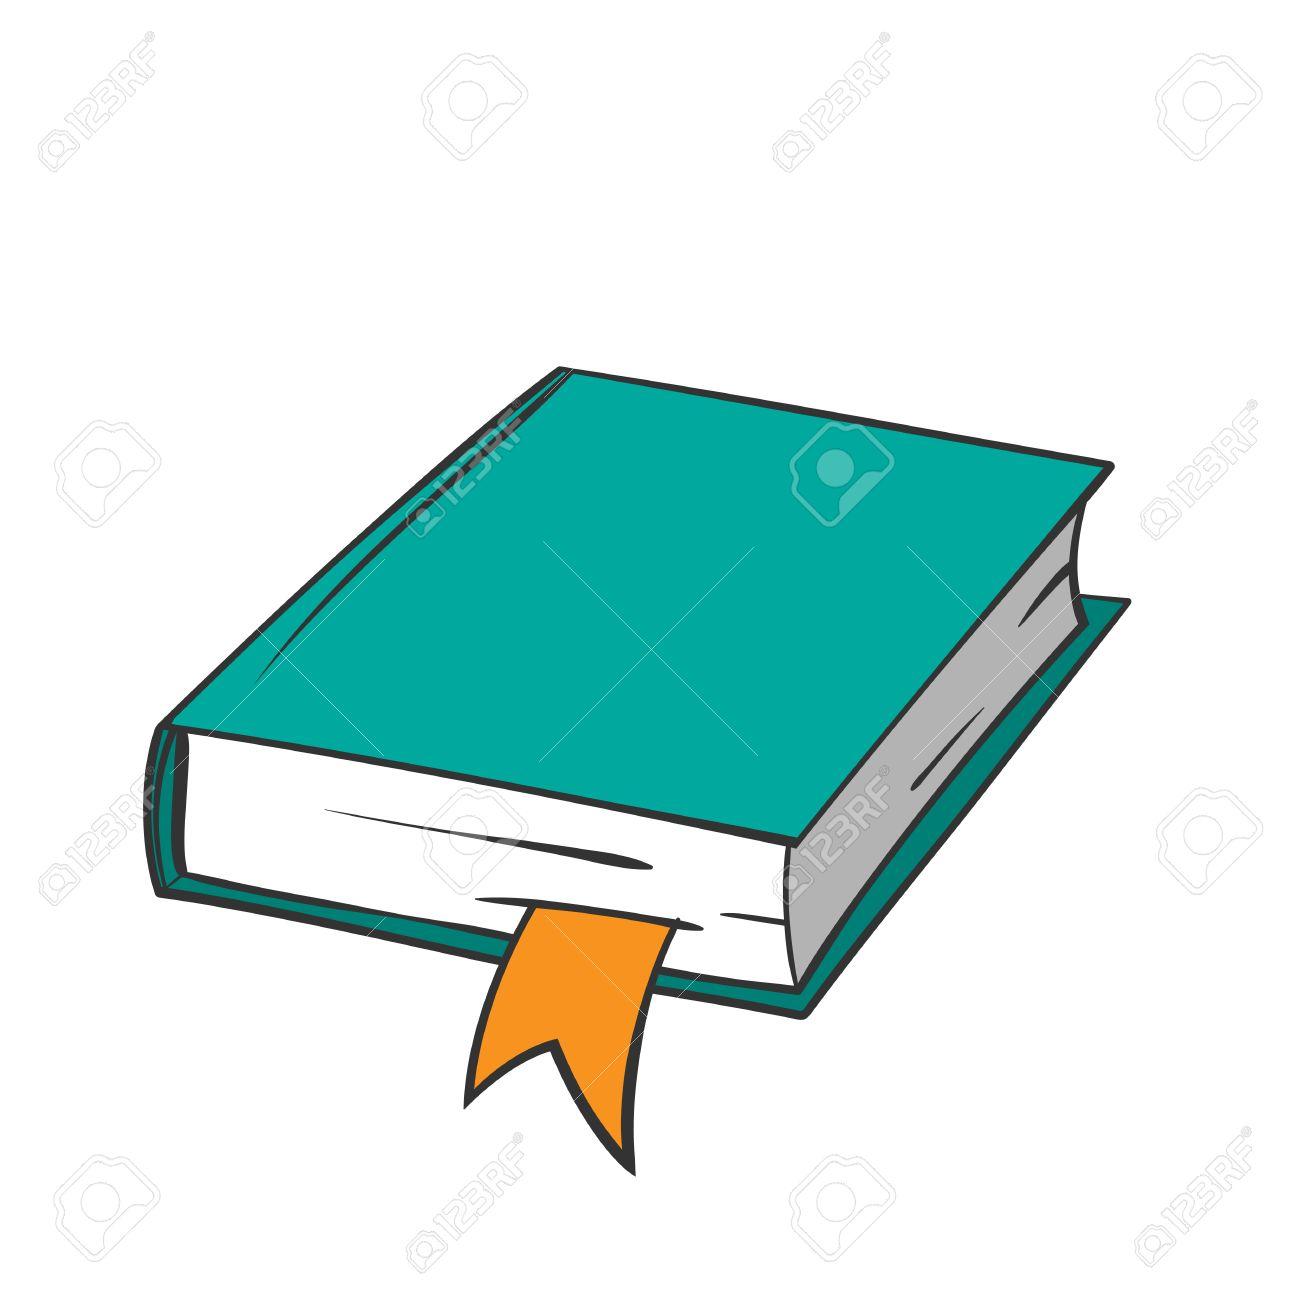 Libro Verde De Dibujos Animados Con Marcador De Color Naranja Sobre